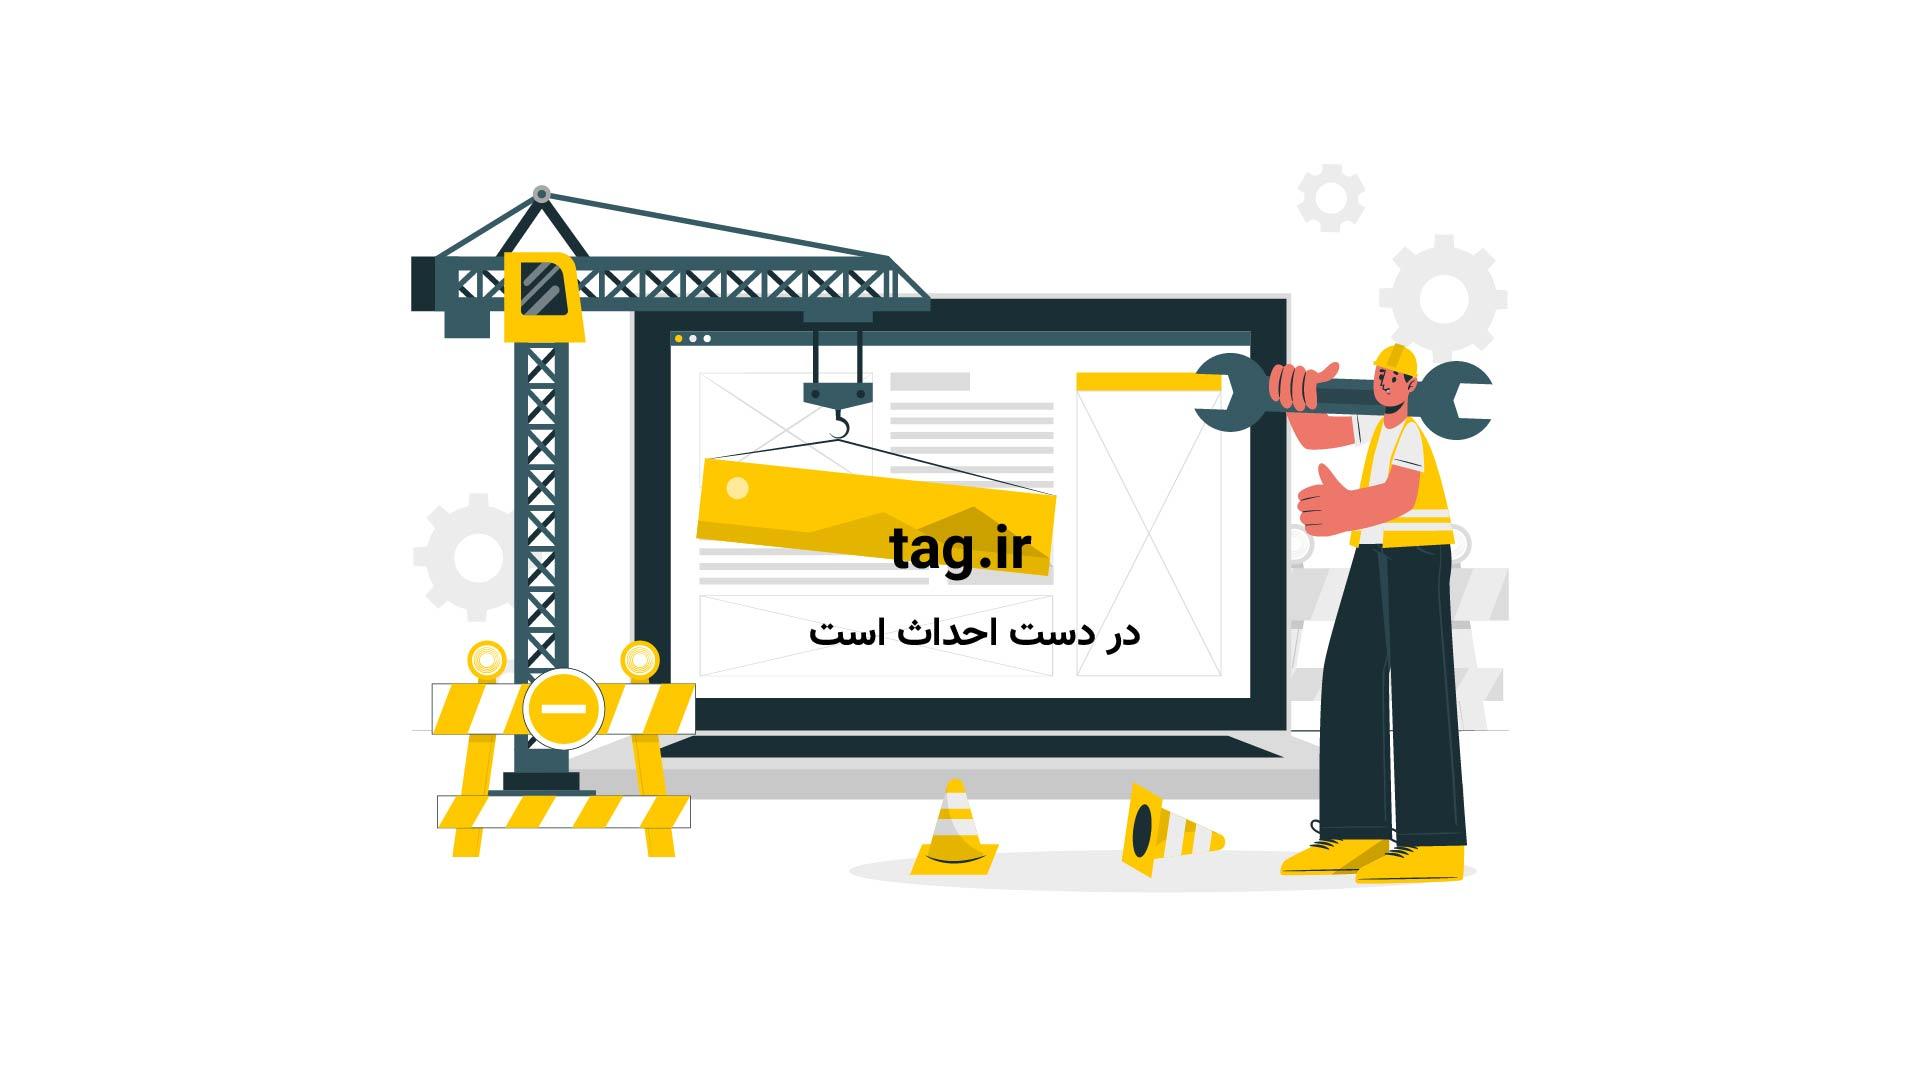 سخنرانیهای تد؛ الهام بخشی سری اعداد فیبوناچی | فیلم